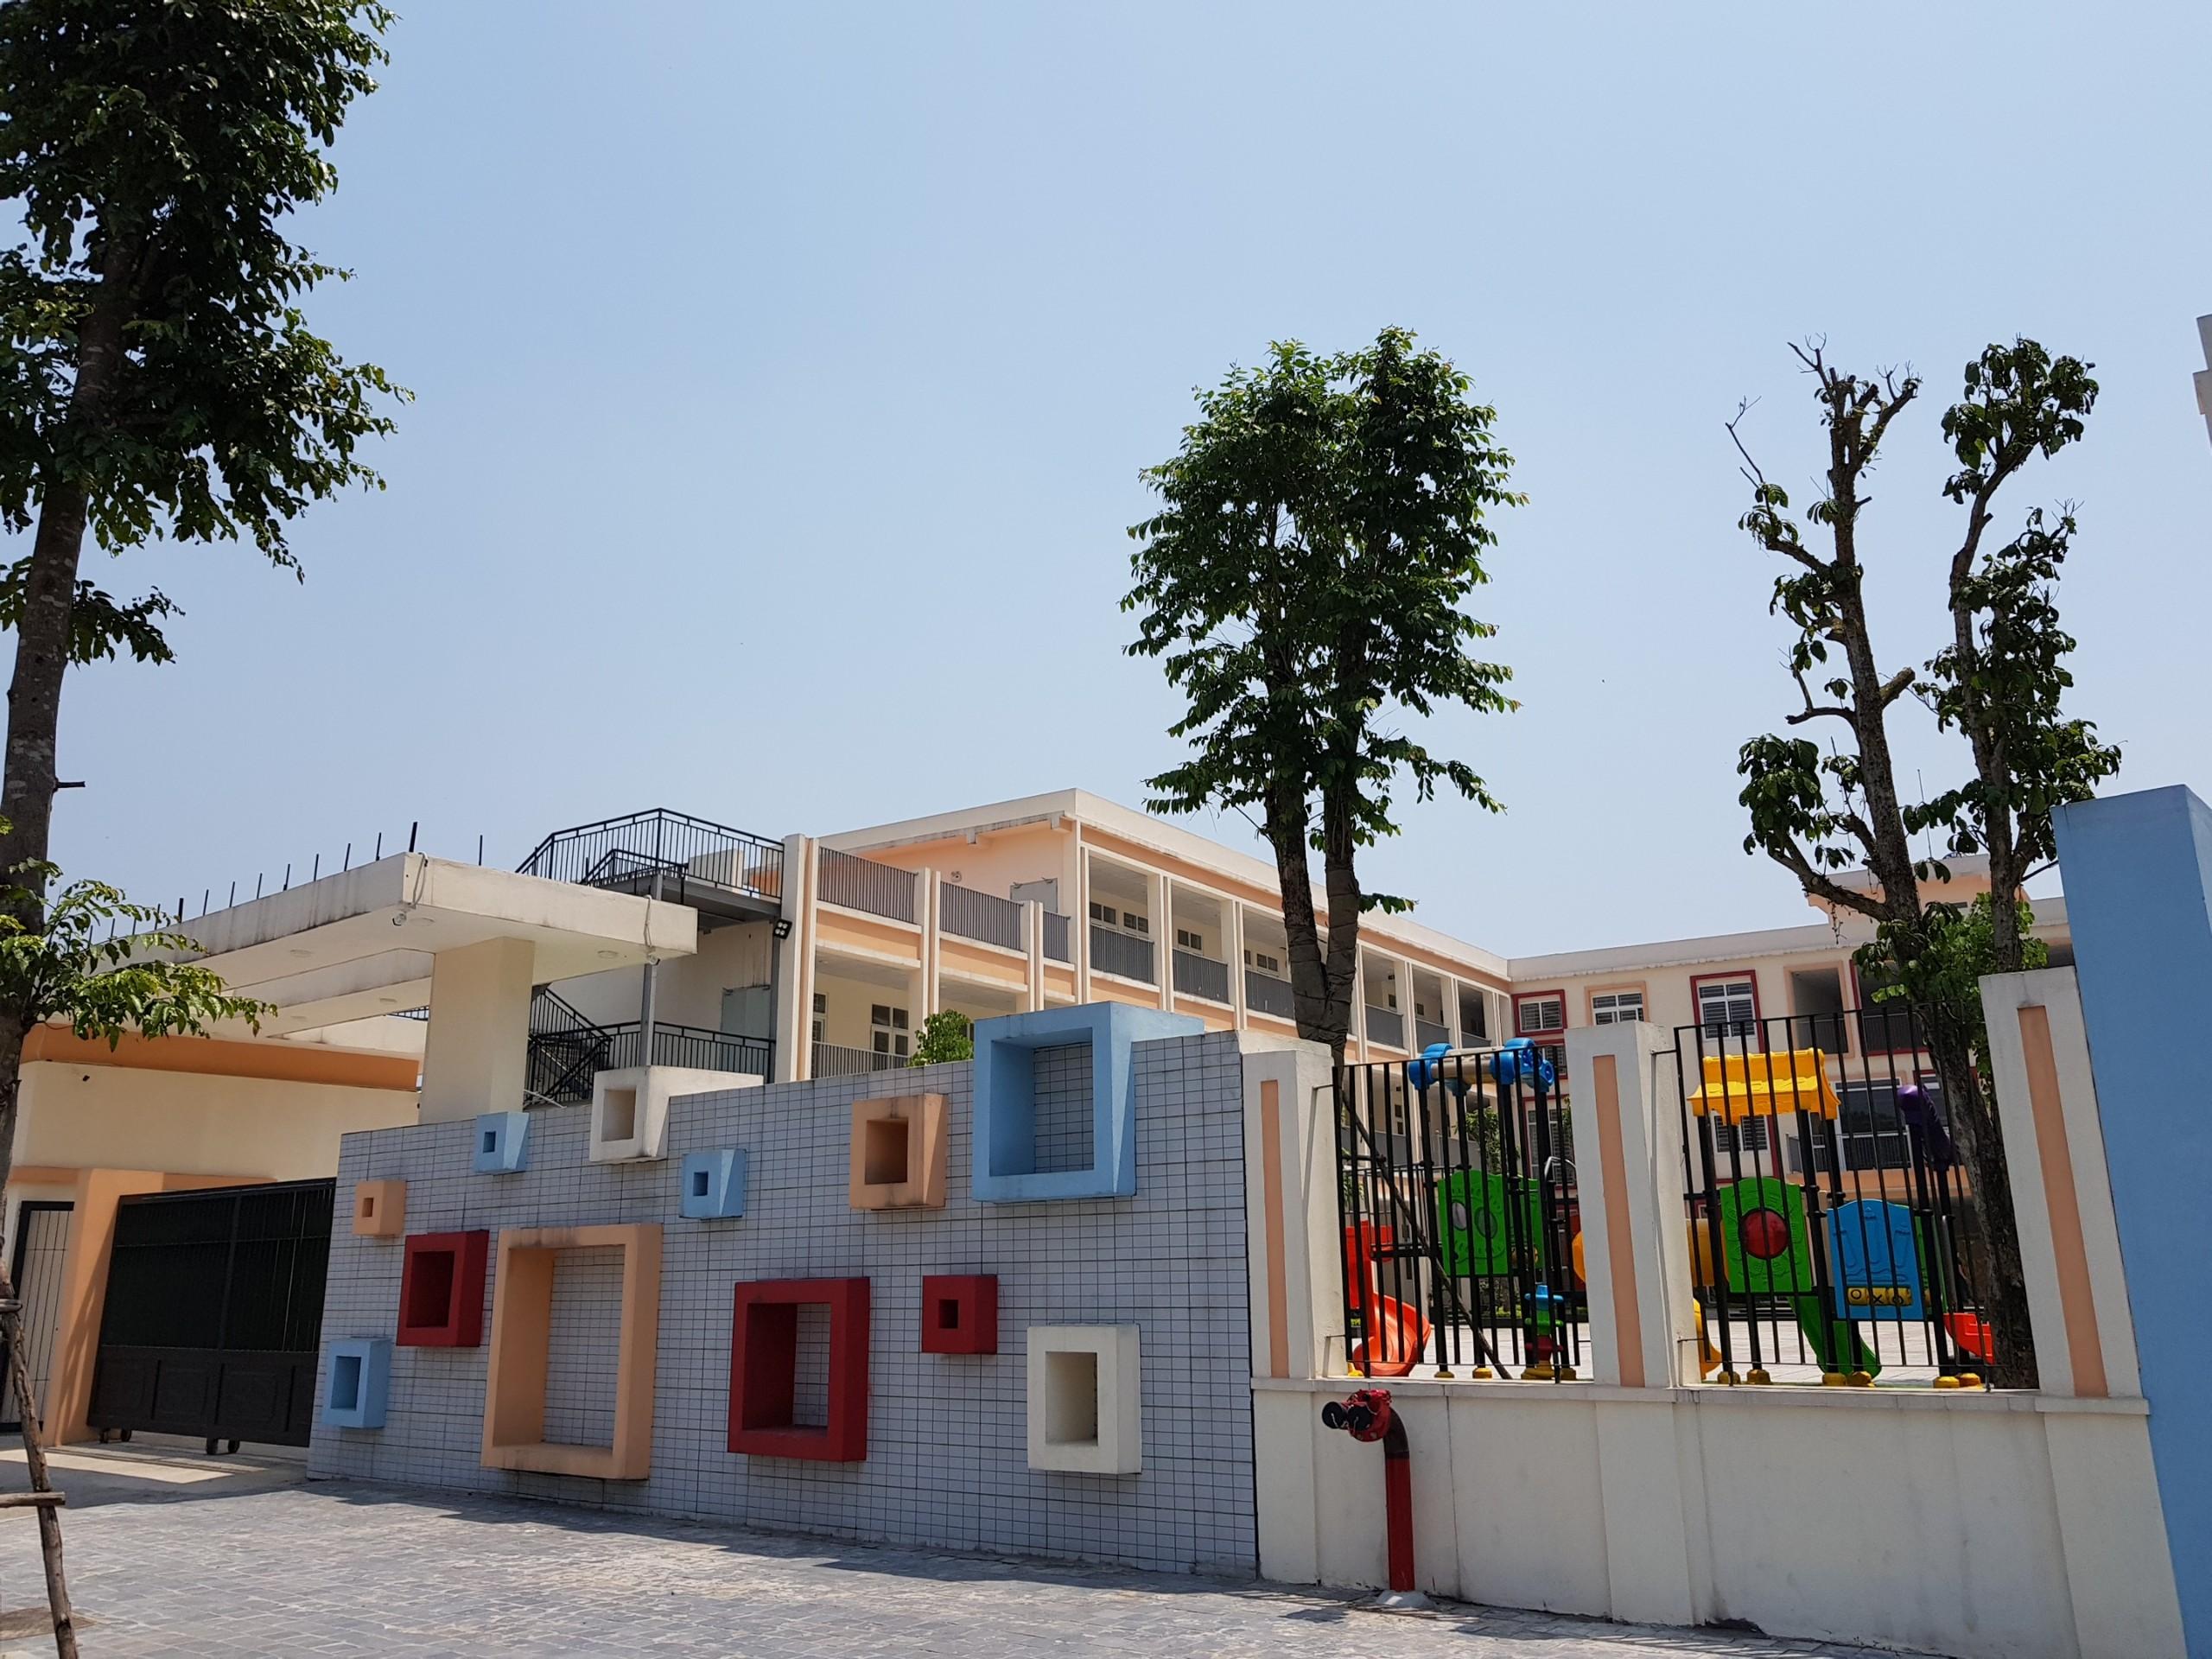 Trường mầm non Quốc tế đã hoàn thiện trong khuôn viên dự án Epic's Home